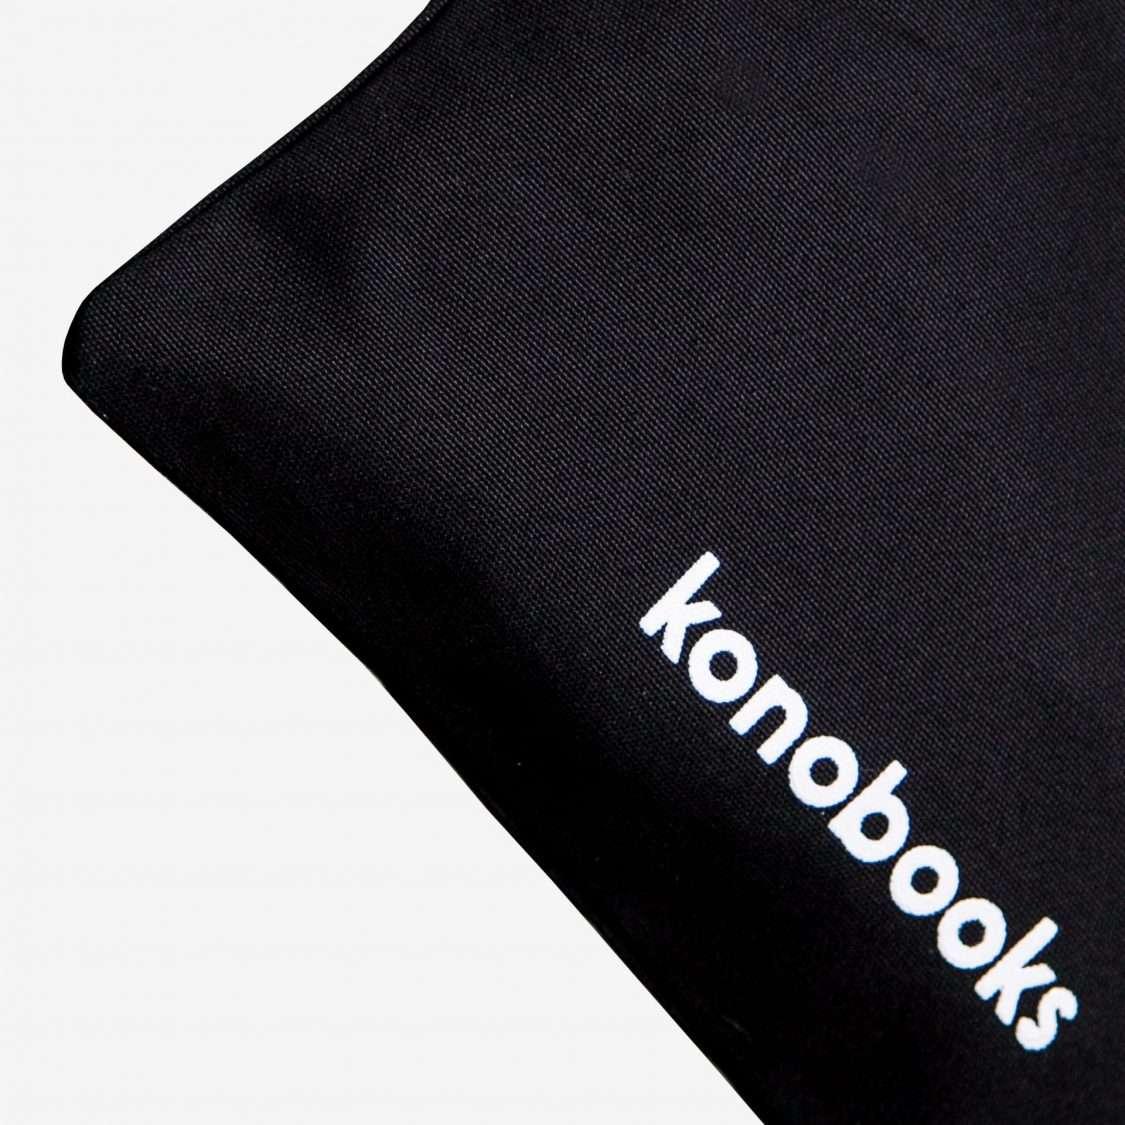 Konobags - Astucci porta taccuini - Pochette cotone organico certificato OCS